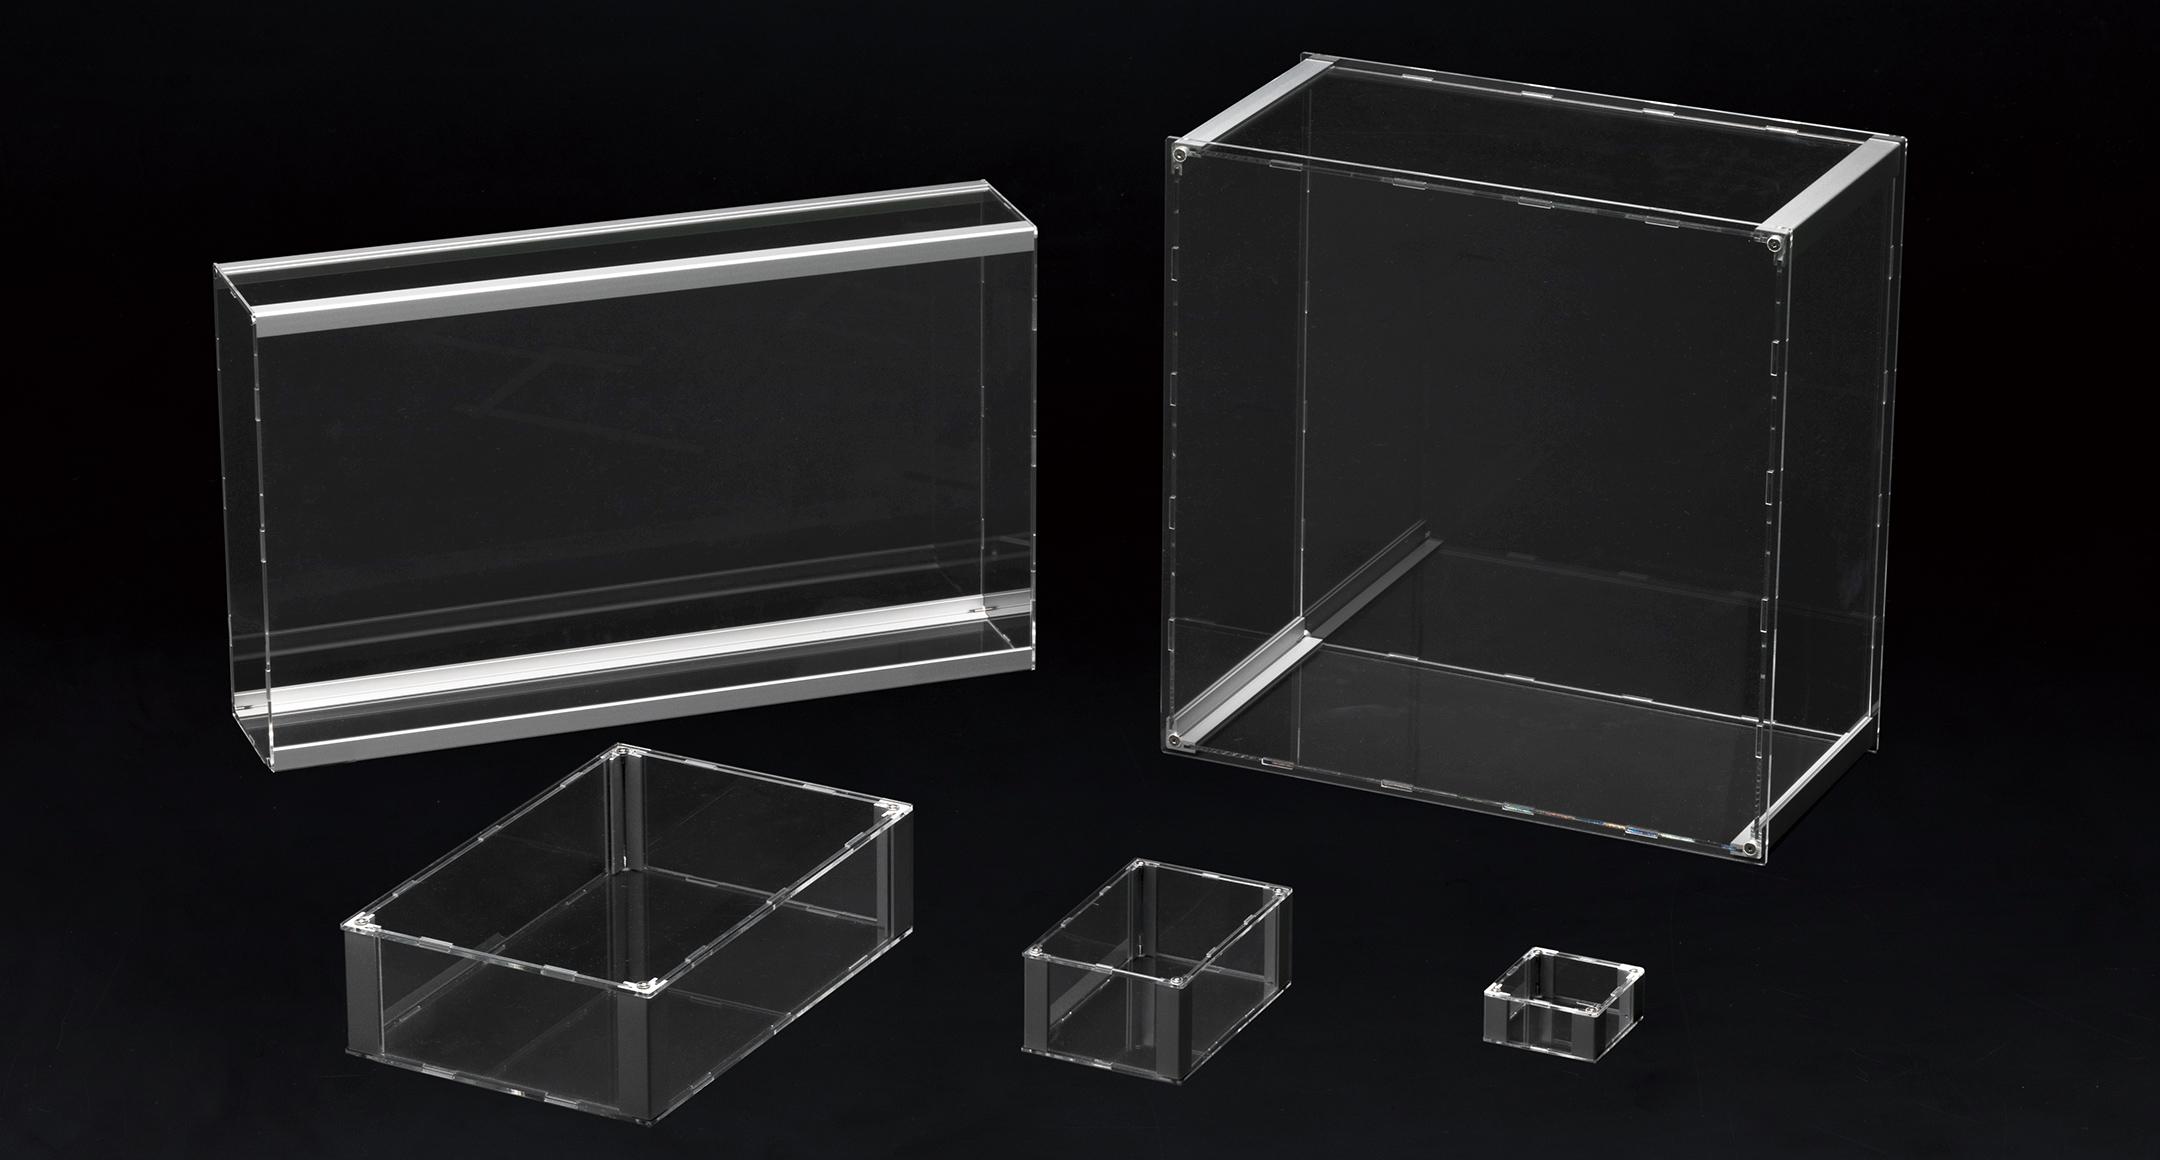 アクリルケース(フリーサイズ)SKSFシリーズの画像